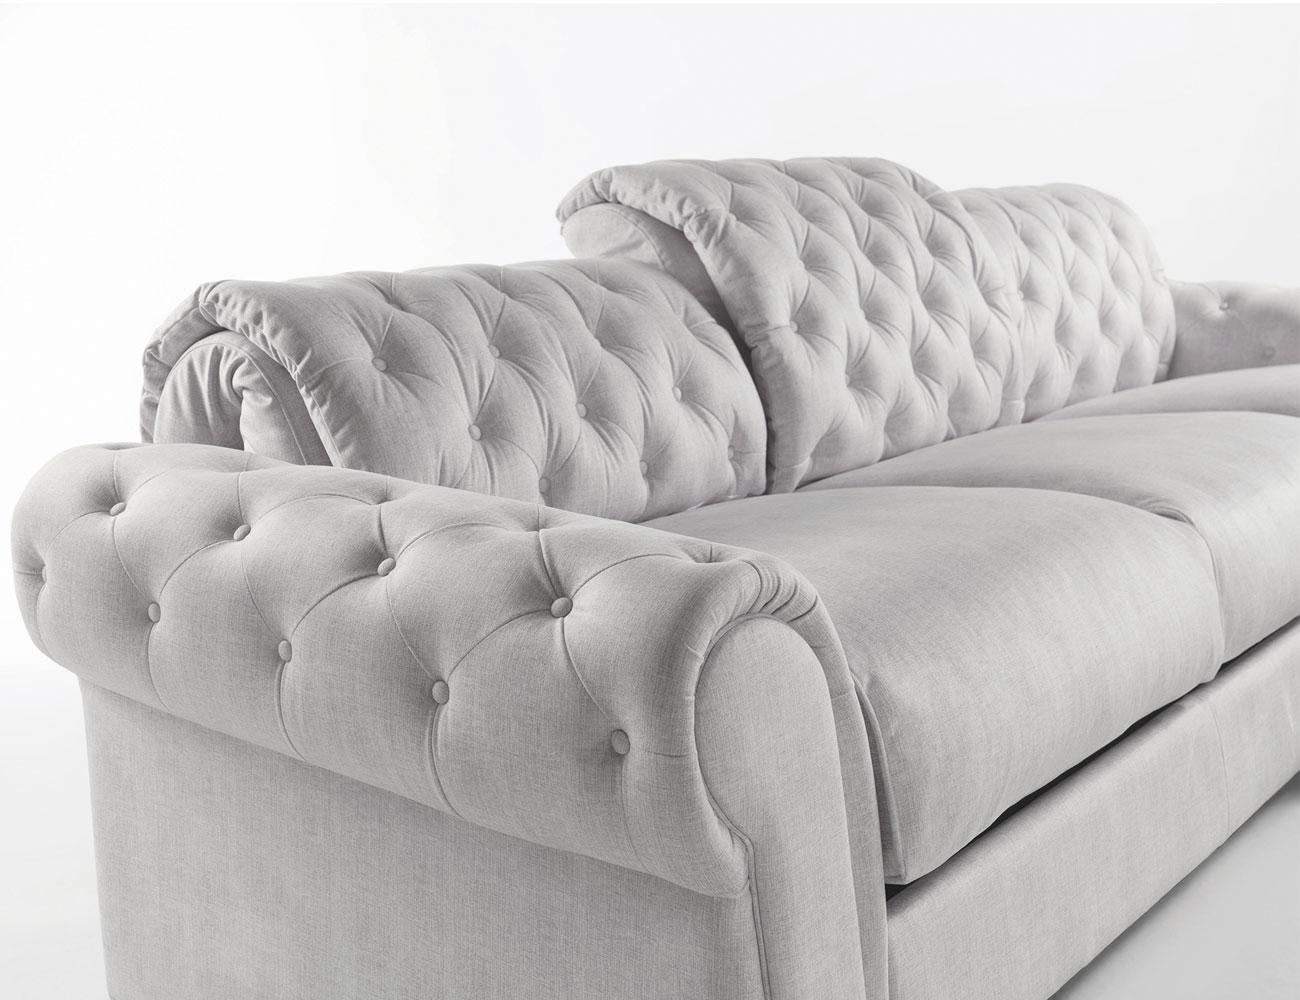 Sofa chaiselongue gran lujo decorativo capitone blanco tela 151